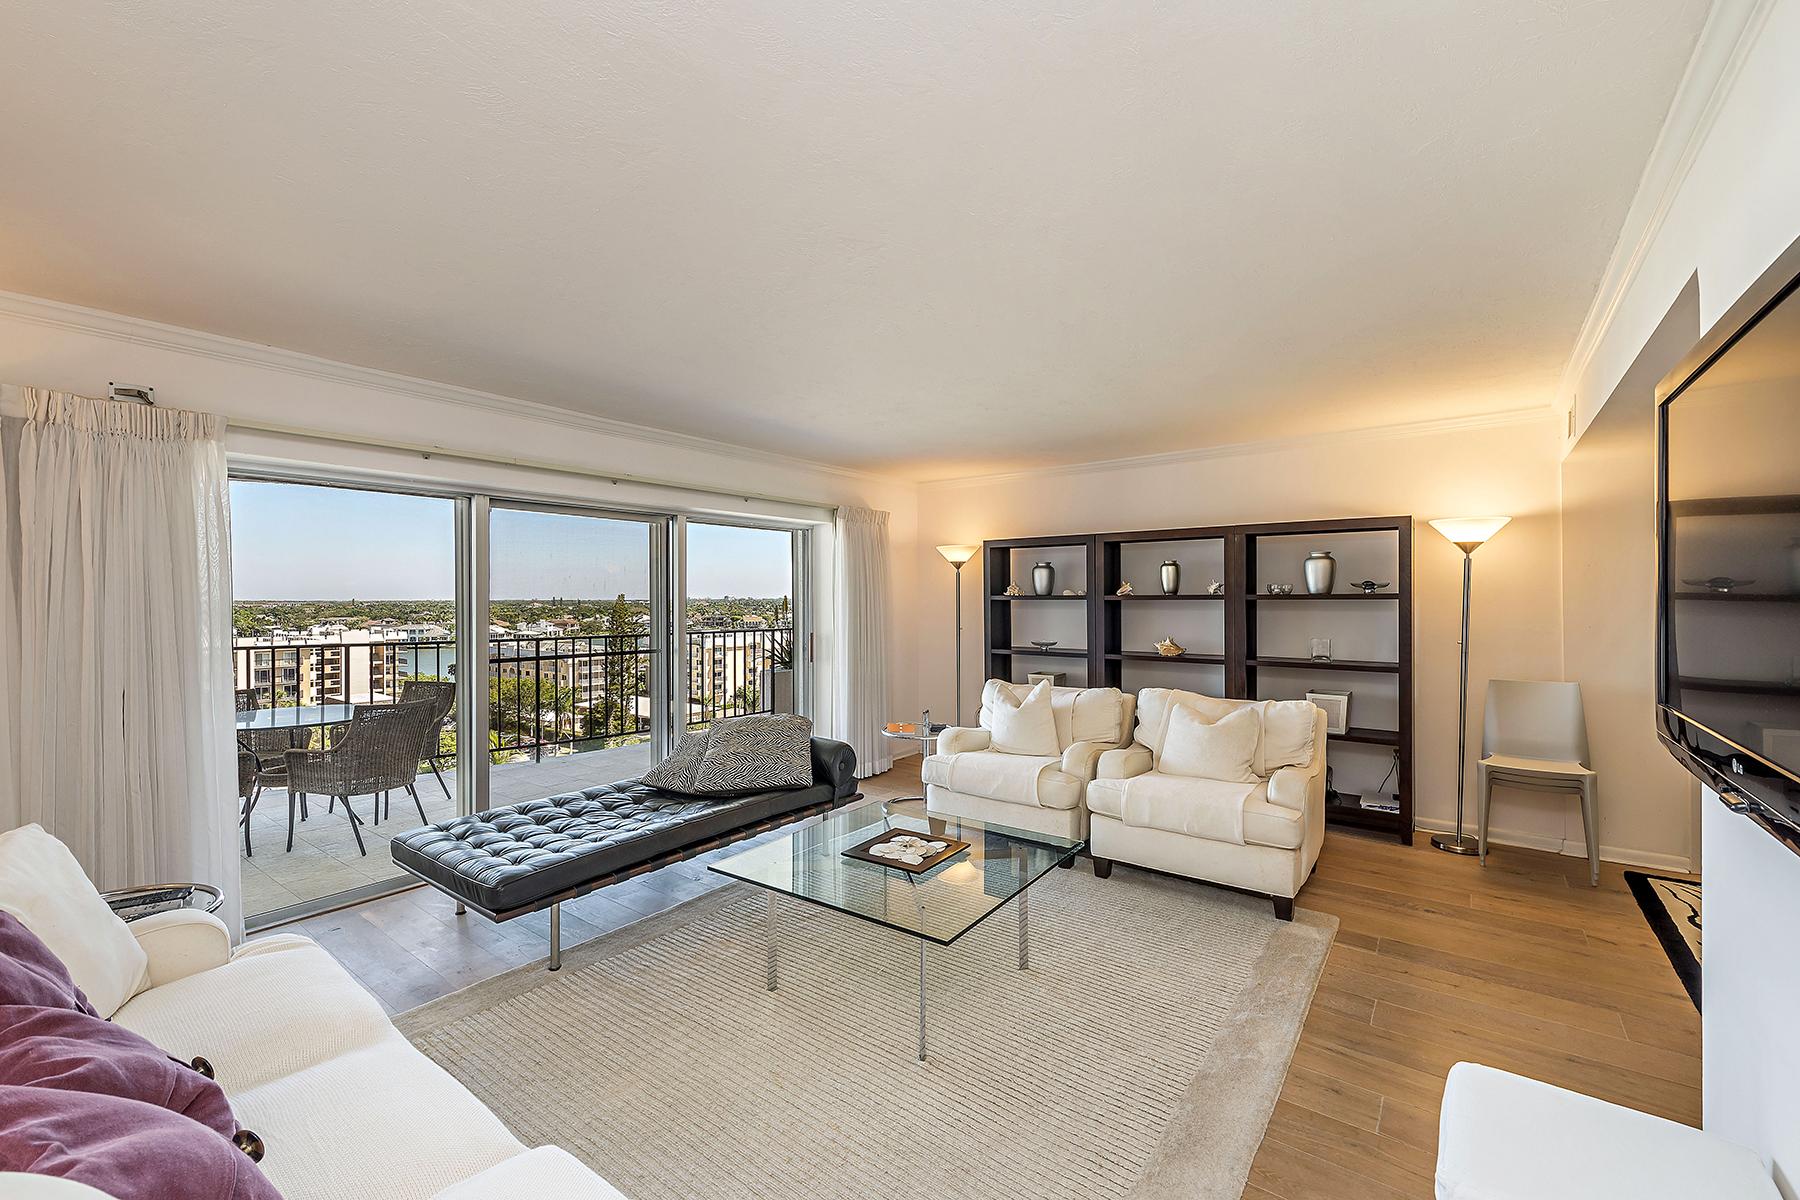 共管式独立产权公寓 为 销售 在 3951 Gulf Shore Blvd N, 800, Naples, FL 34103 3951 Gulf Shore Blvd N 800, 那不勒斯, 佛罗里达州, 34103 美国